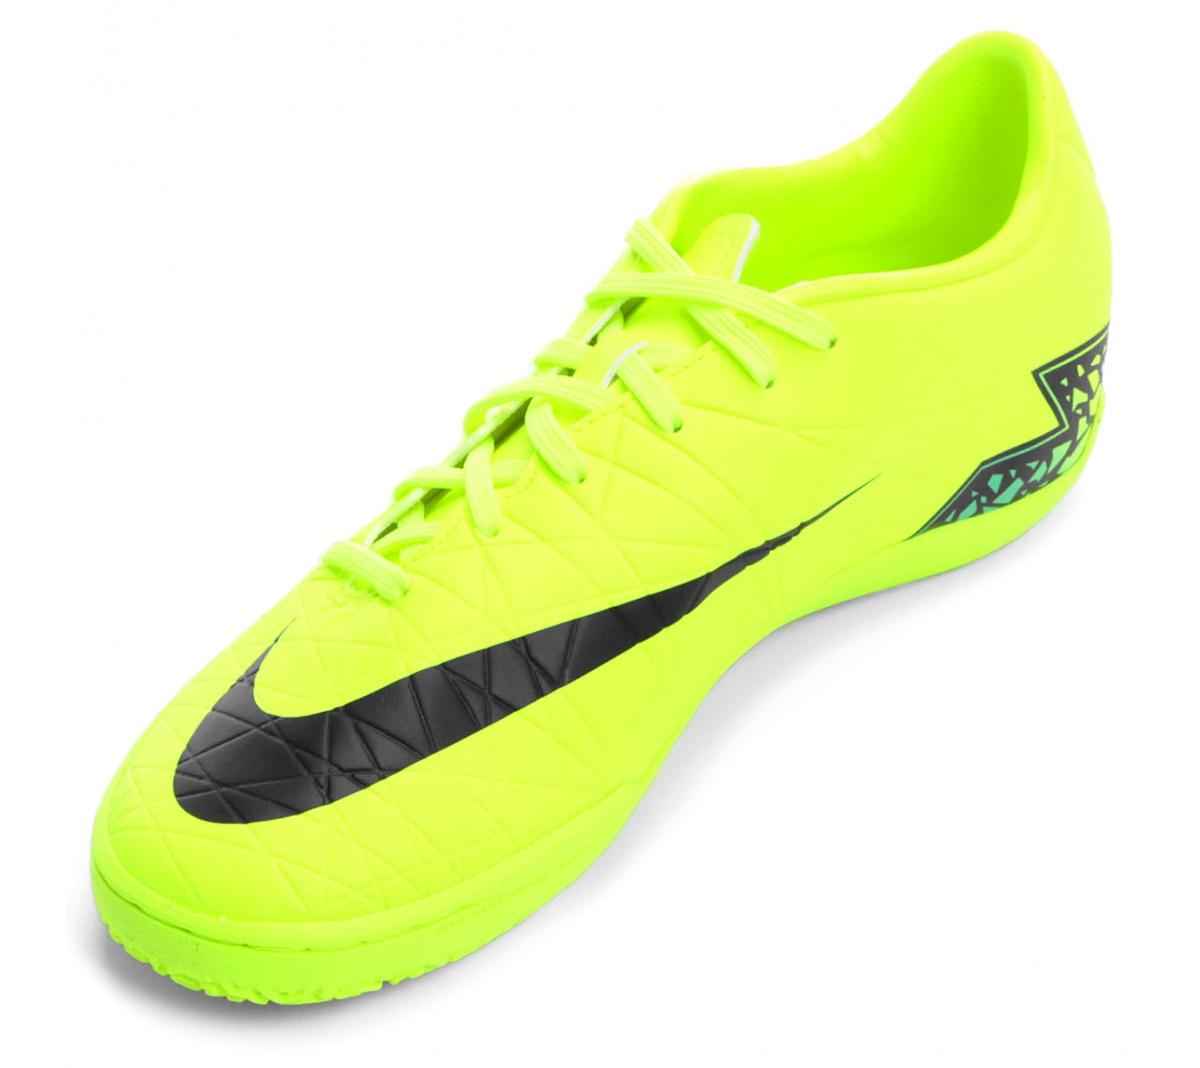 Tênis Nike Hypervenom Phelon II IC Verde Limão com  Preto